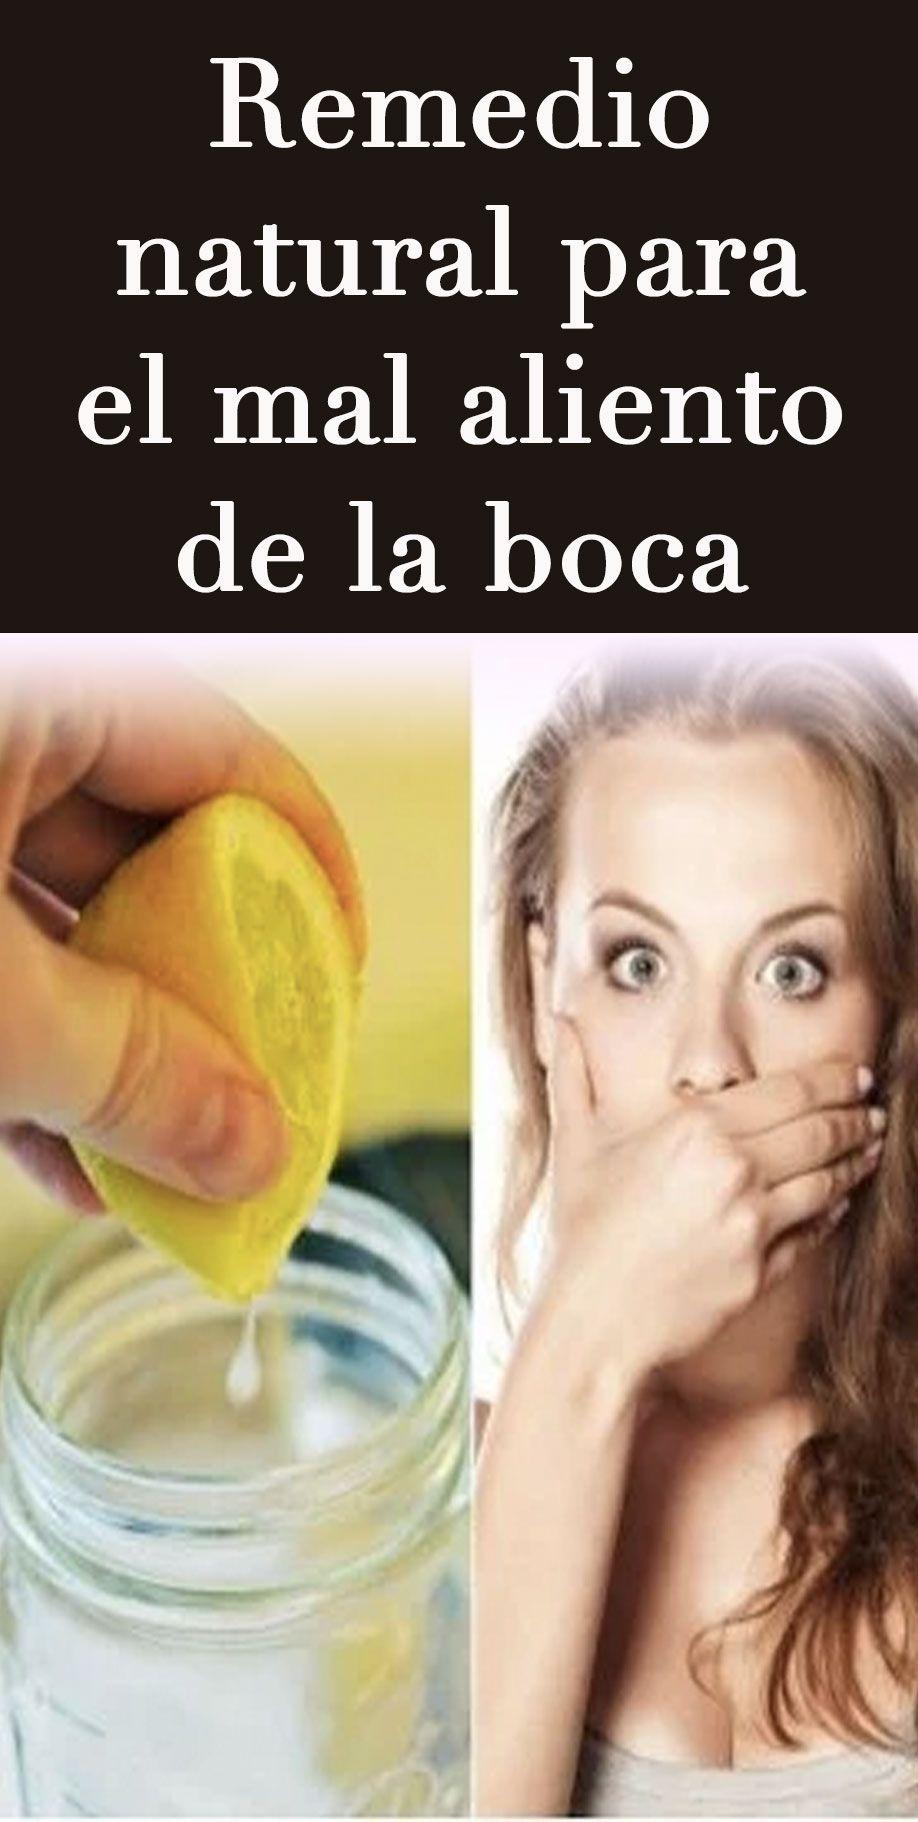 Remedio Natural Para El Mal Aliento De La Boca Health Remedies Remedies Body